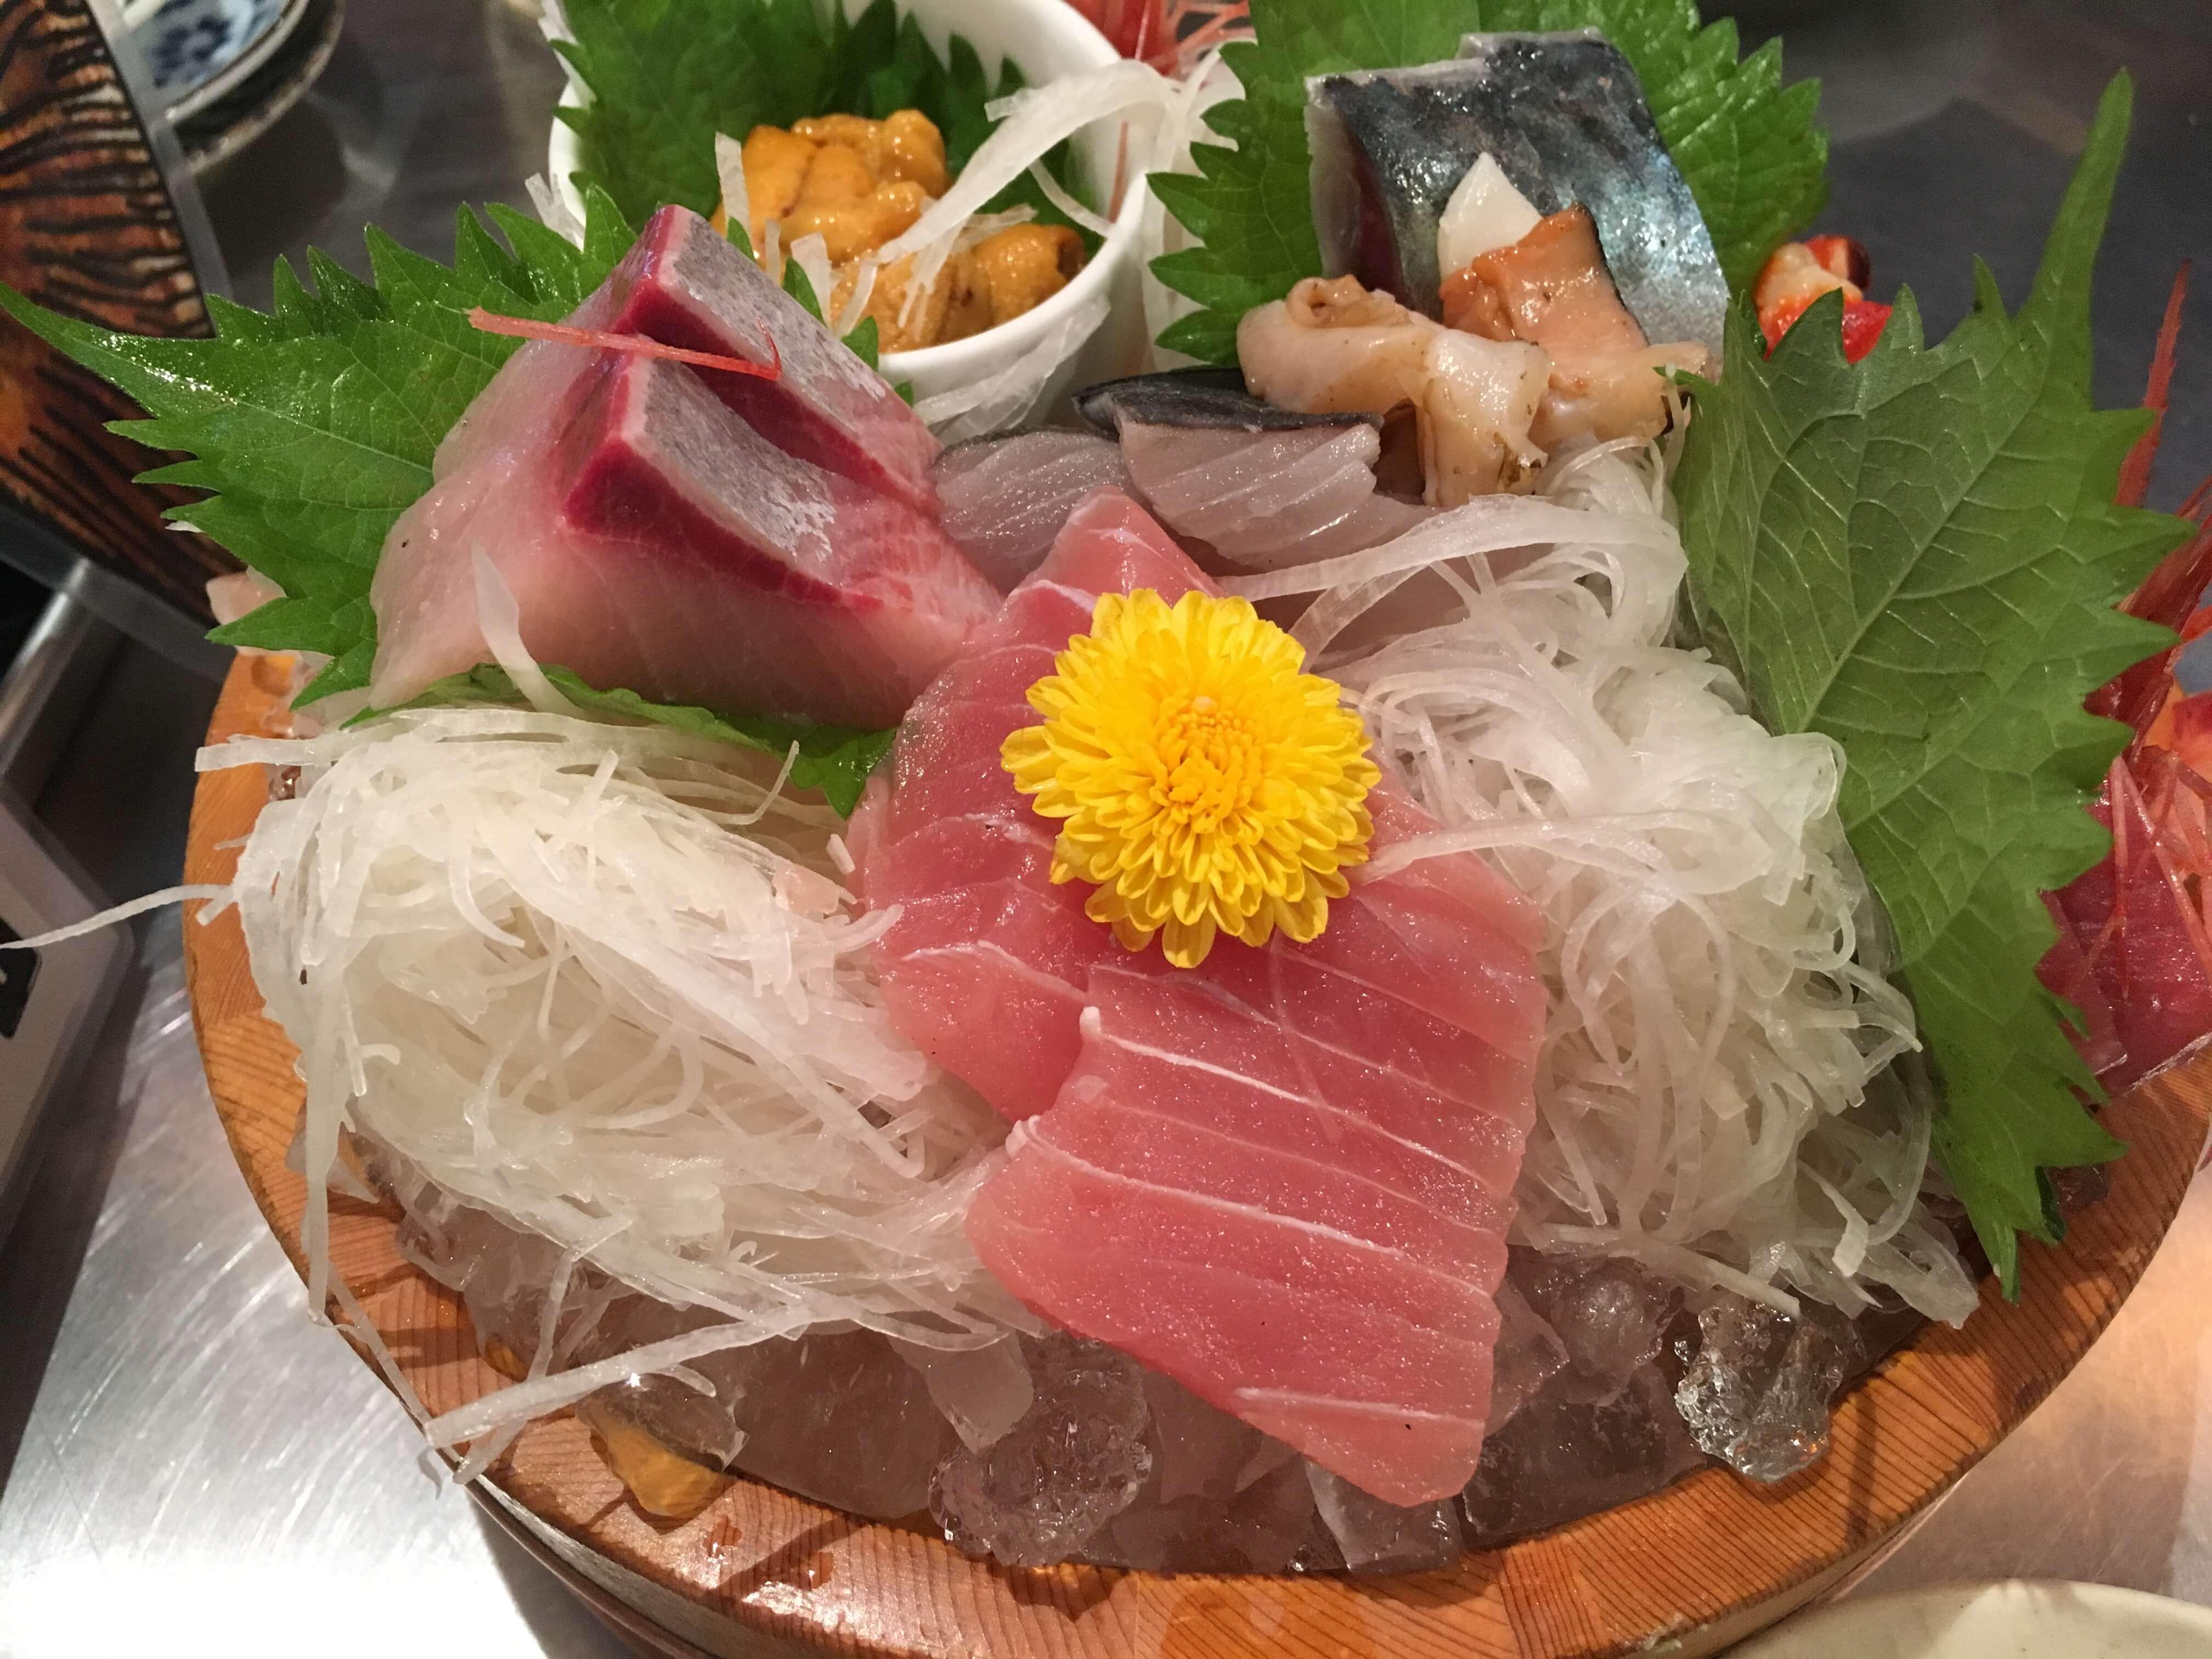 「刺身盛り合わせください!」と言ってはいけないお店の刺身の盛り合わせが凄かった @ 川端鮮魚店